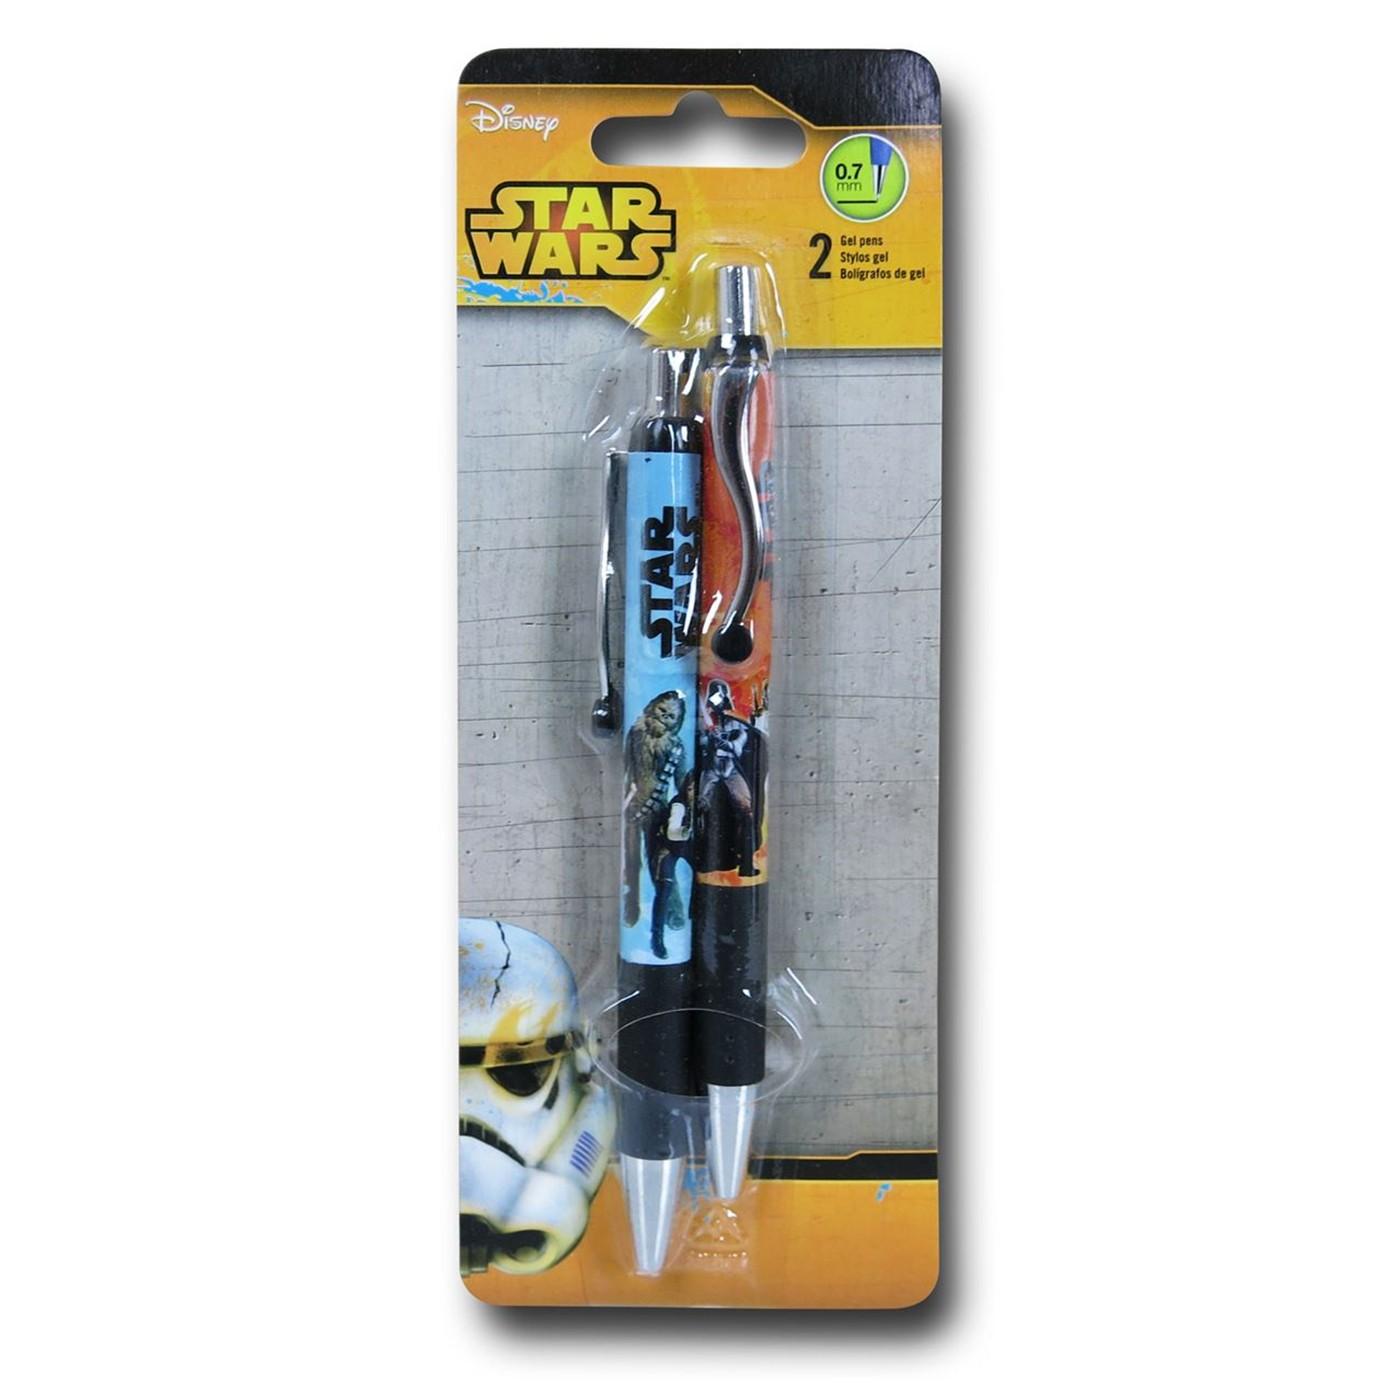 Star Wars Blue Orange Pen 2-Pack